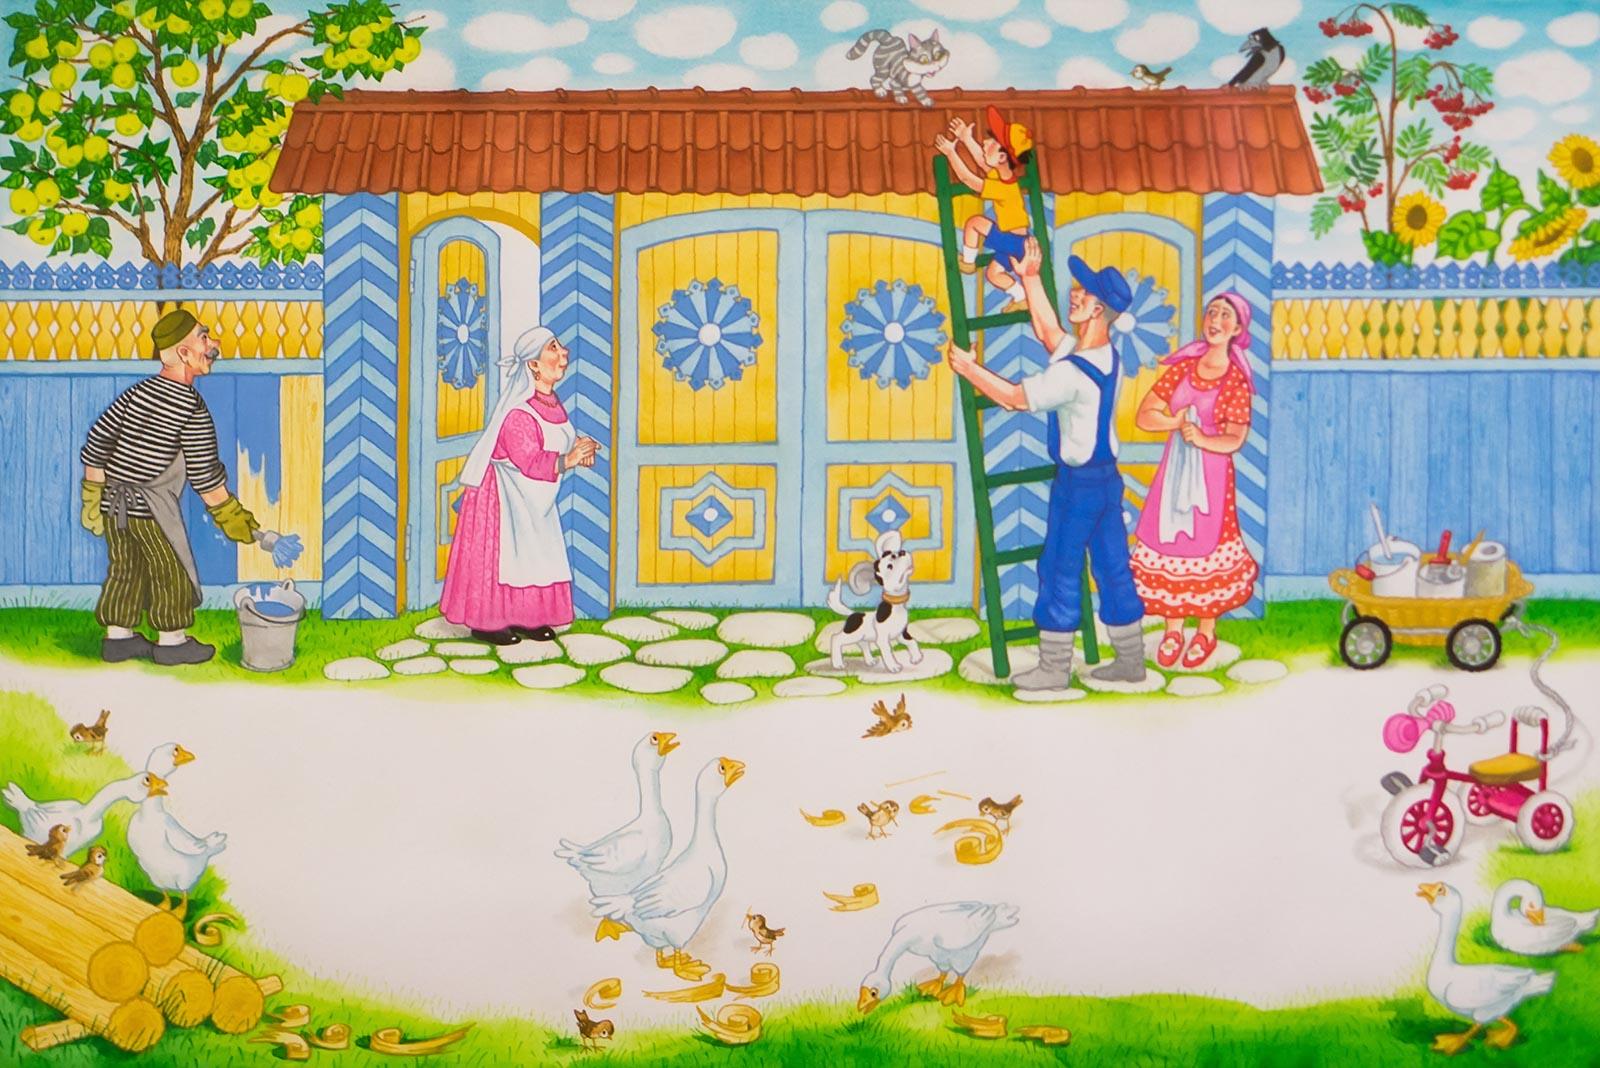 характеристика картины красивый дом фариды хасьяновой дерева для